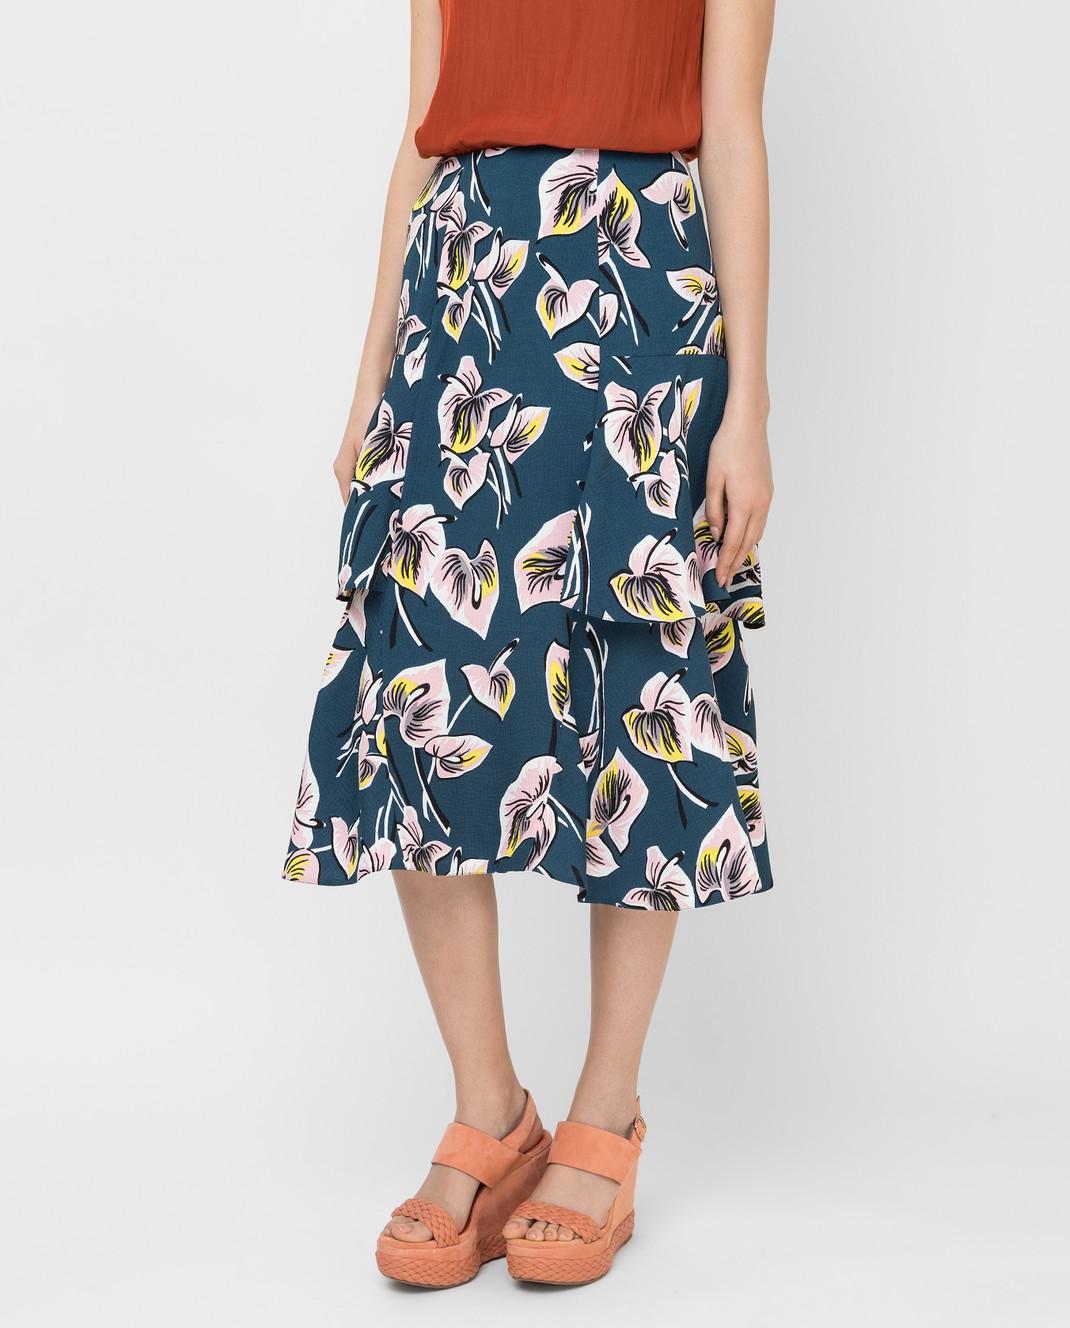 Marni Темно-бирюзовая юбка GOMAT39U00TV456 изображение 3